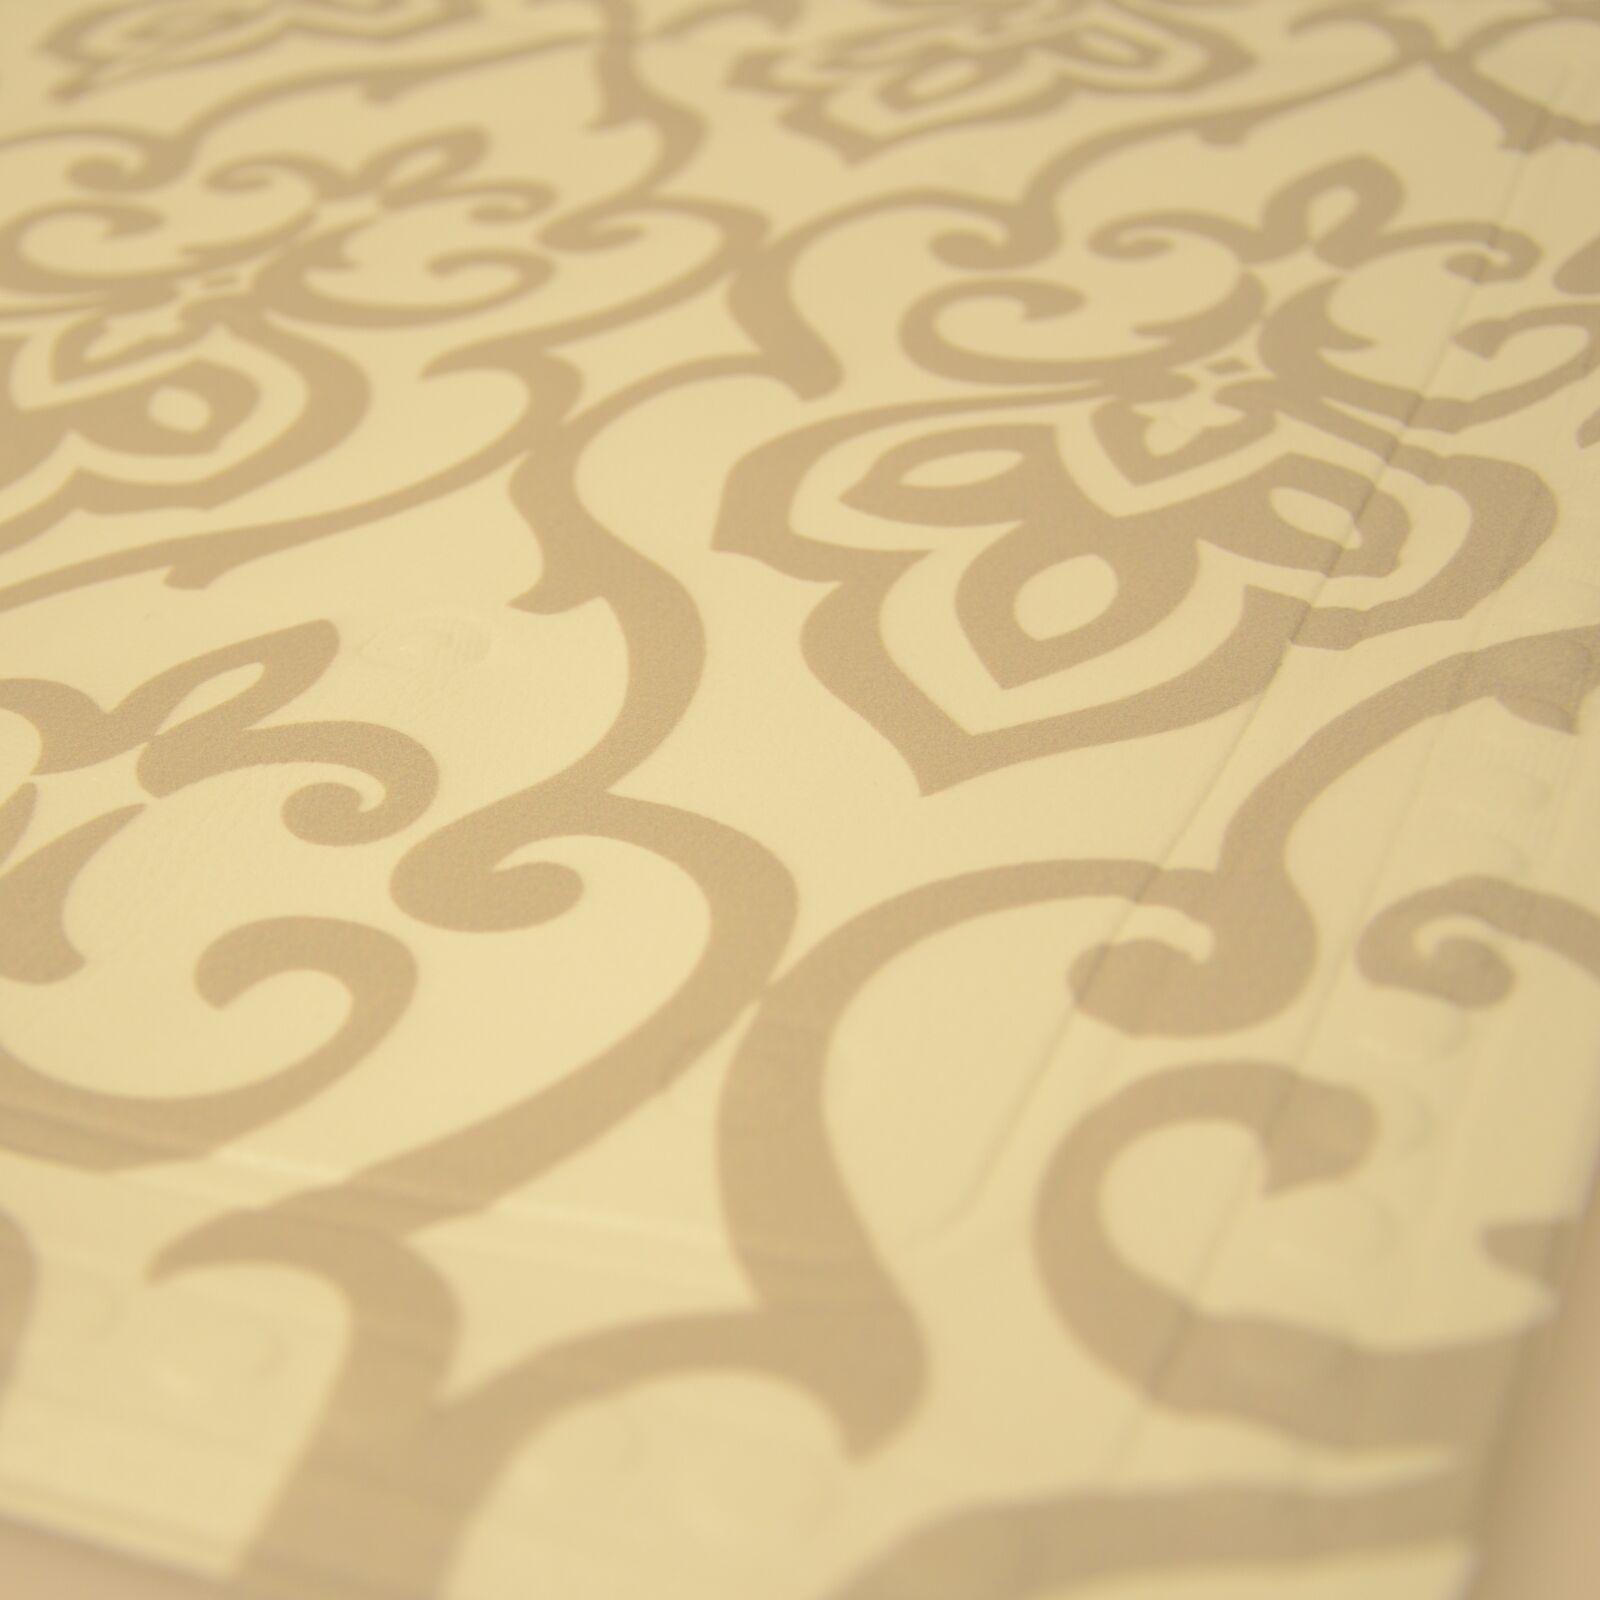 Full Size of Antirutschmatte Dusche Kinder Ikea Rossmann Test Schimmel Rund Waschen Dm Bauhaus Grohe Thermostat Badewanne Mit Tür Und Ebenerdige Rainshower Mischbatterie Dusche Antirutschmatte Dusche